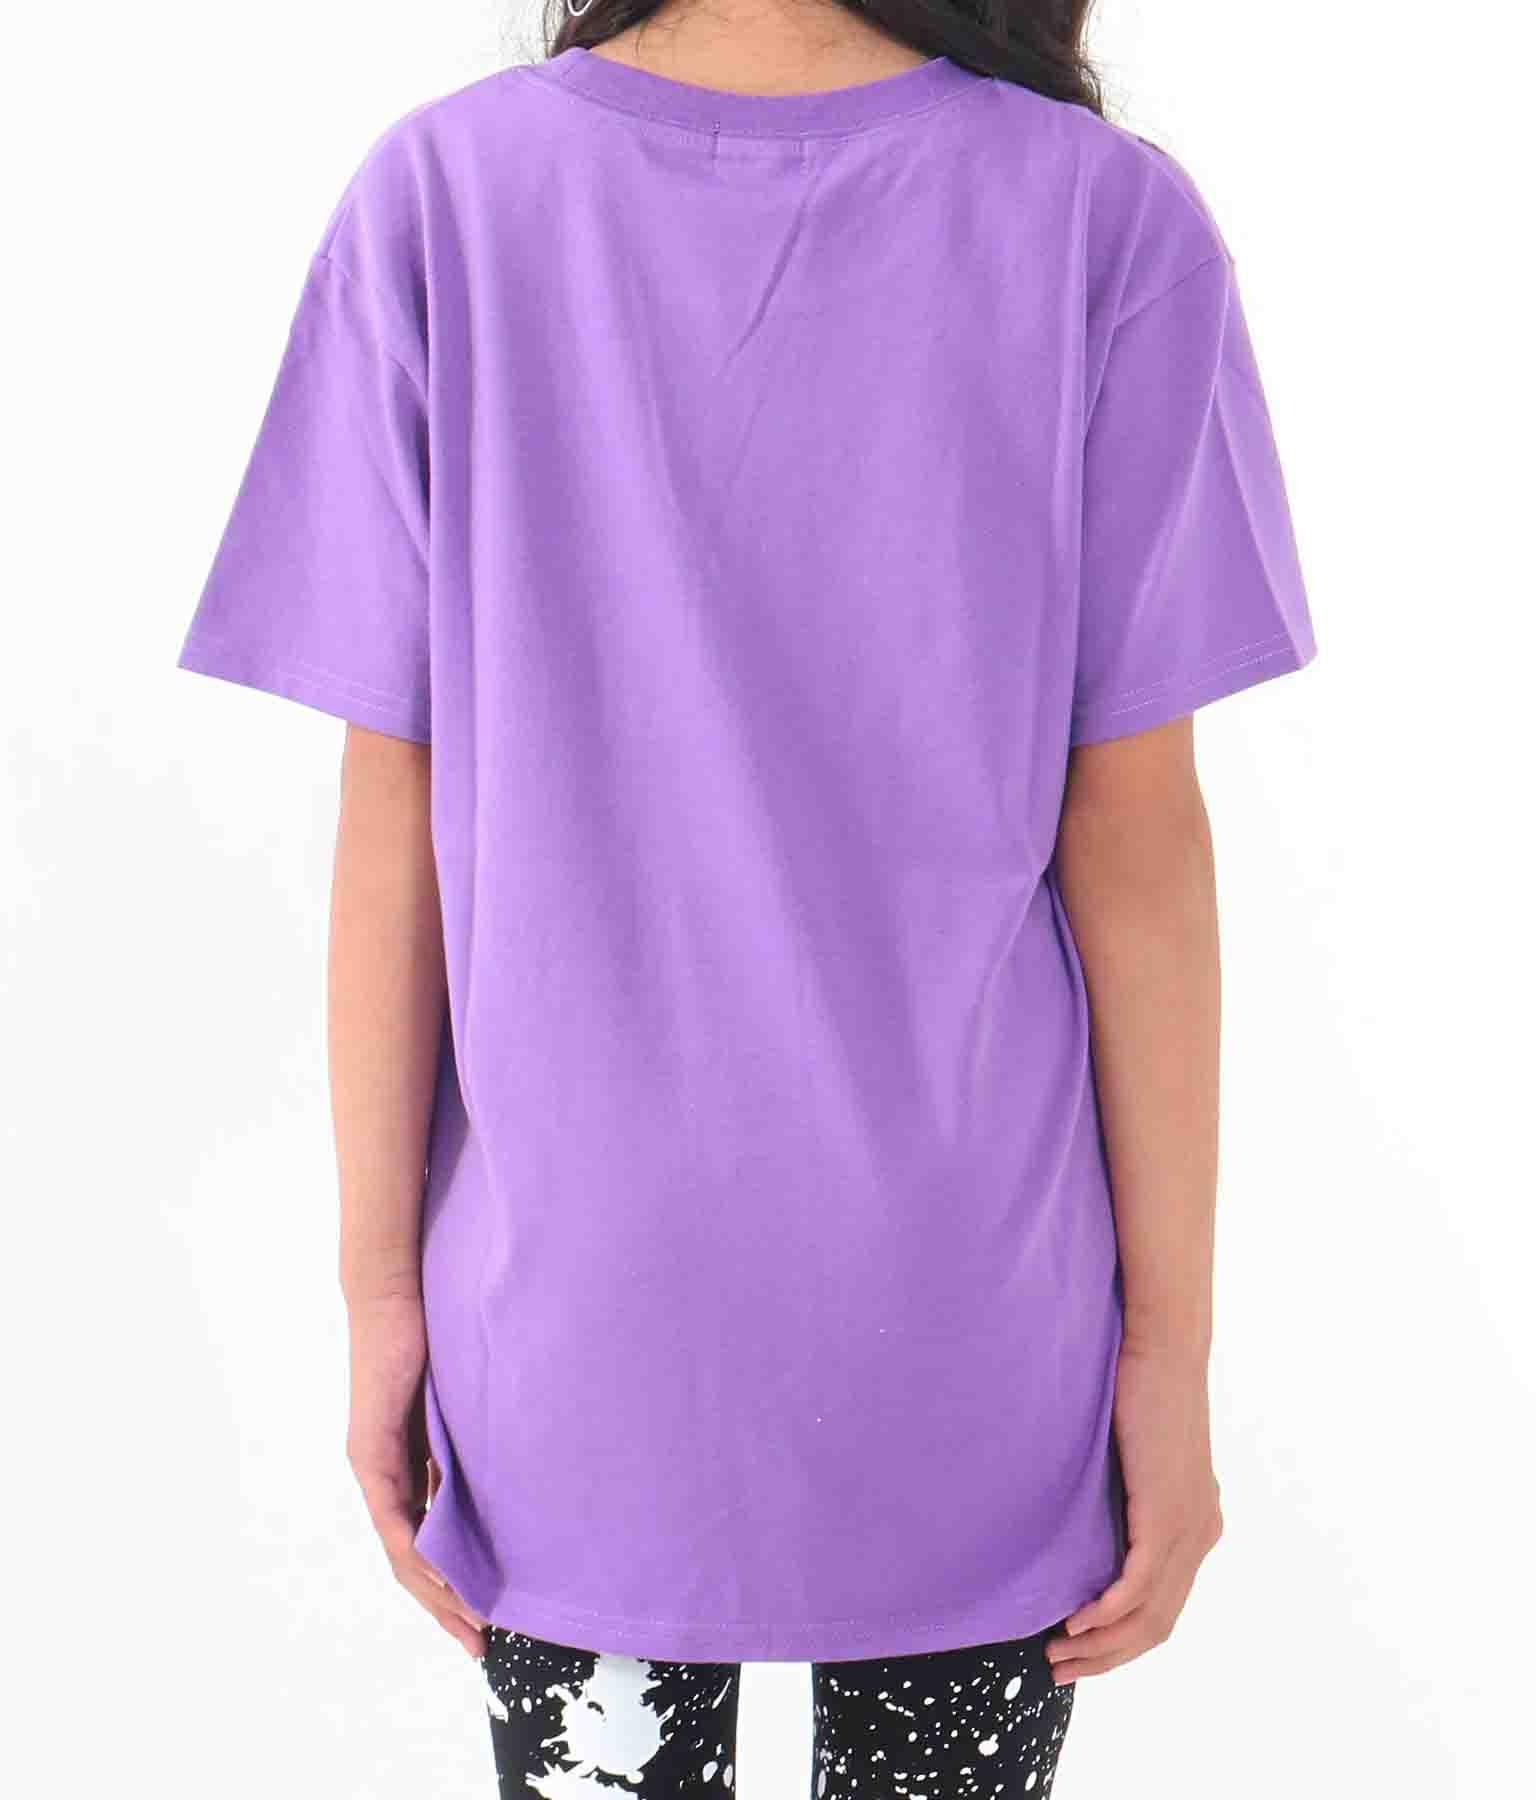 フラップポケット付チュニック(トップス/Tシャツ) | ANAP GiRL